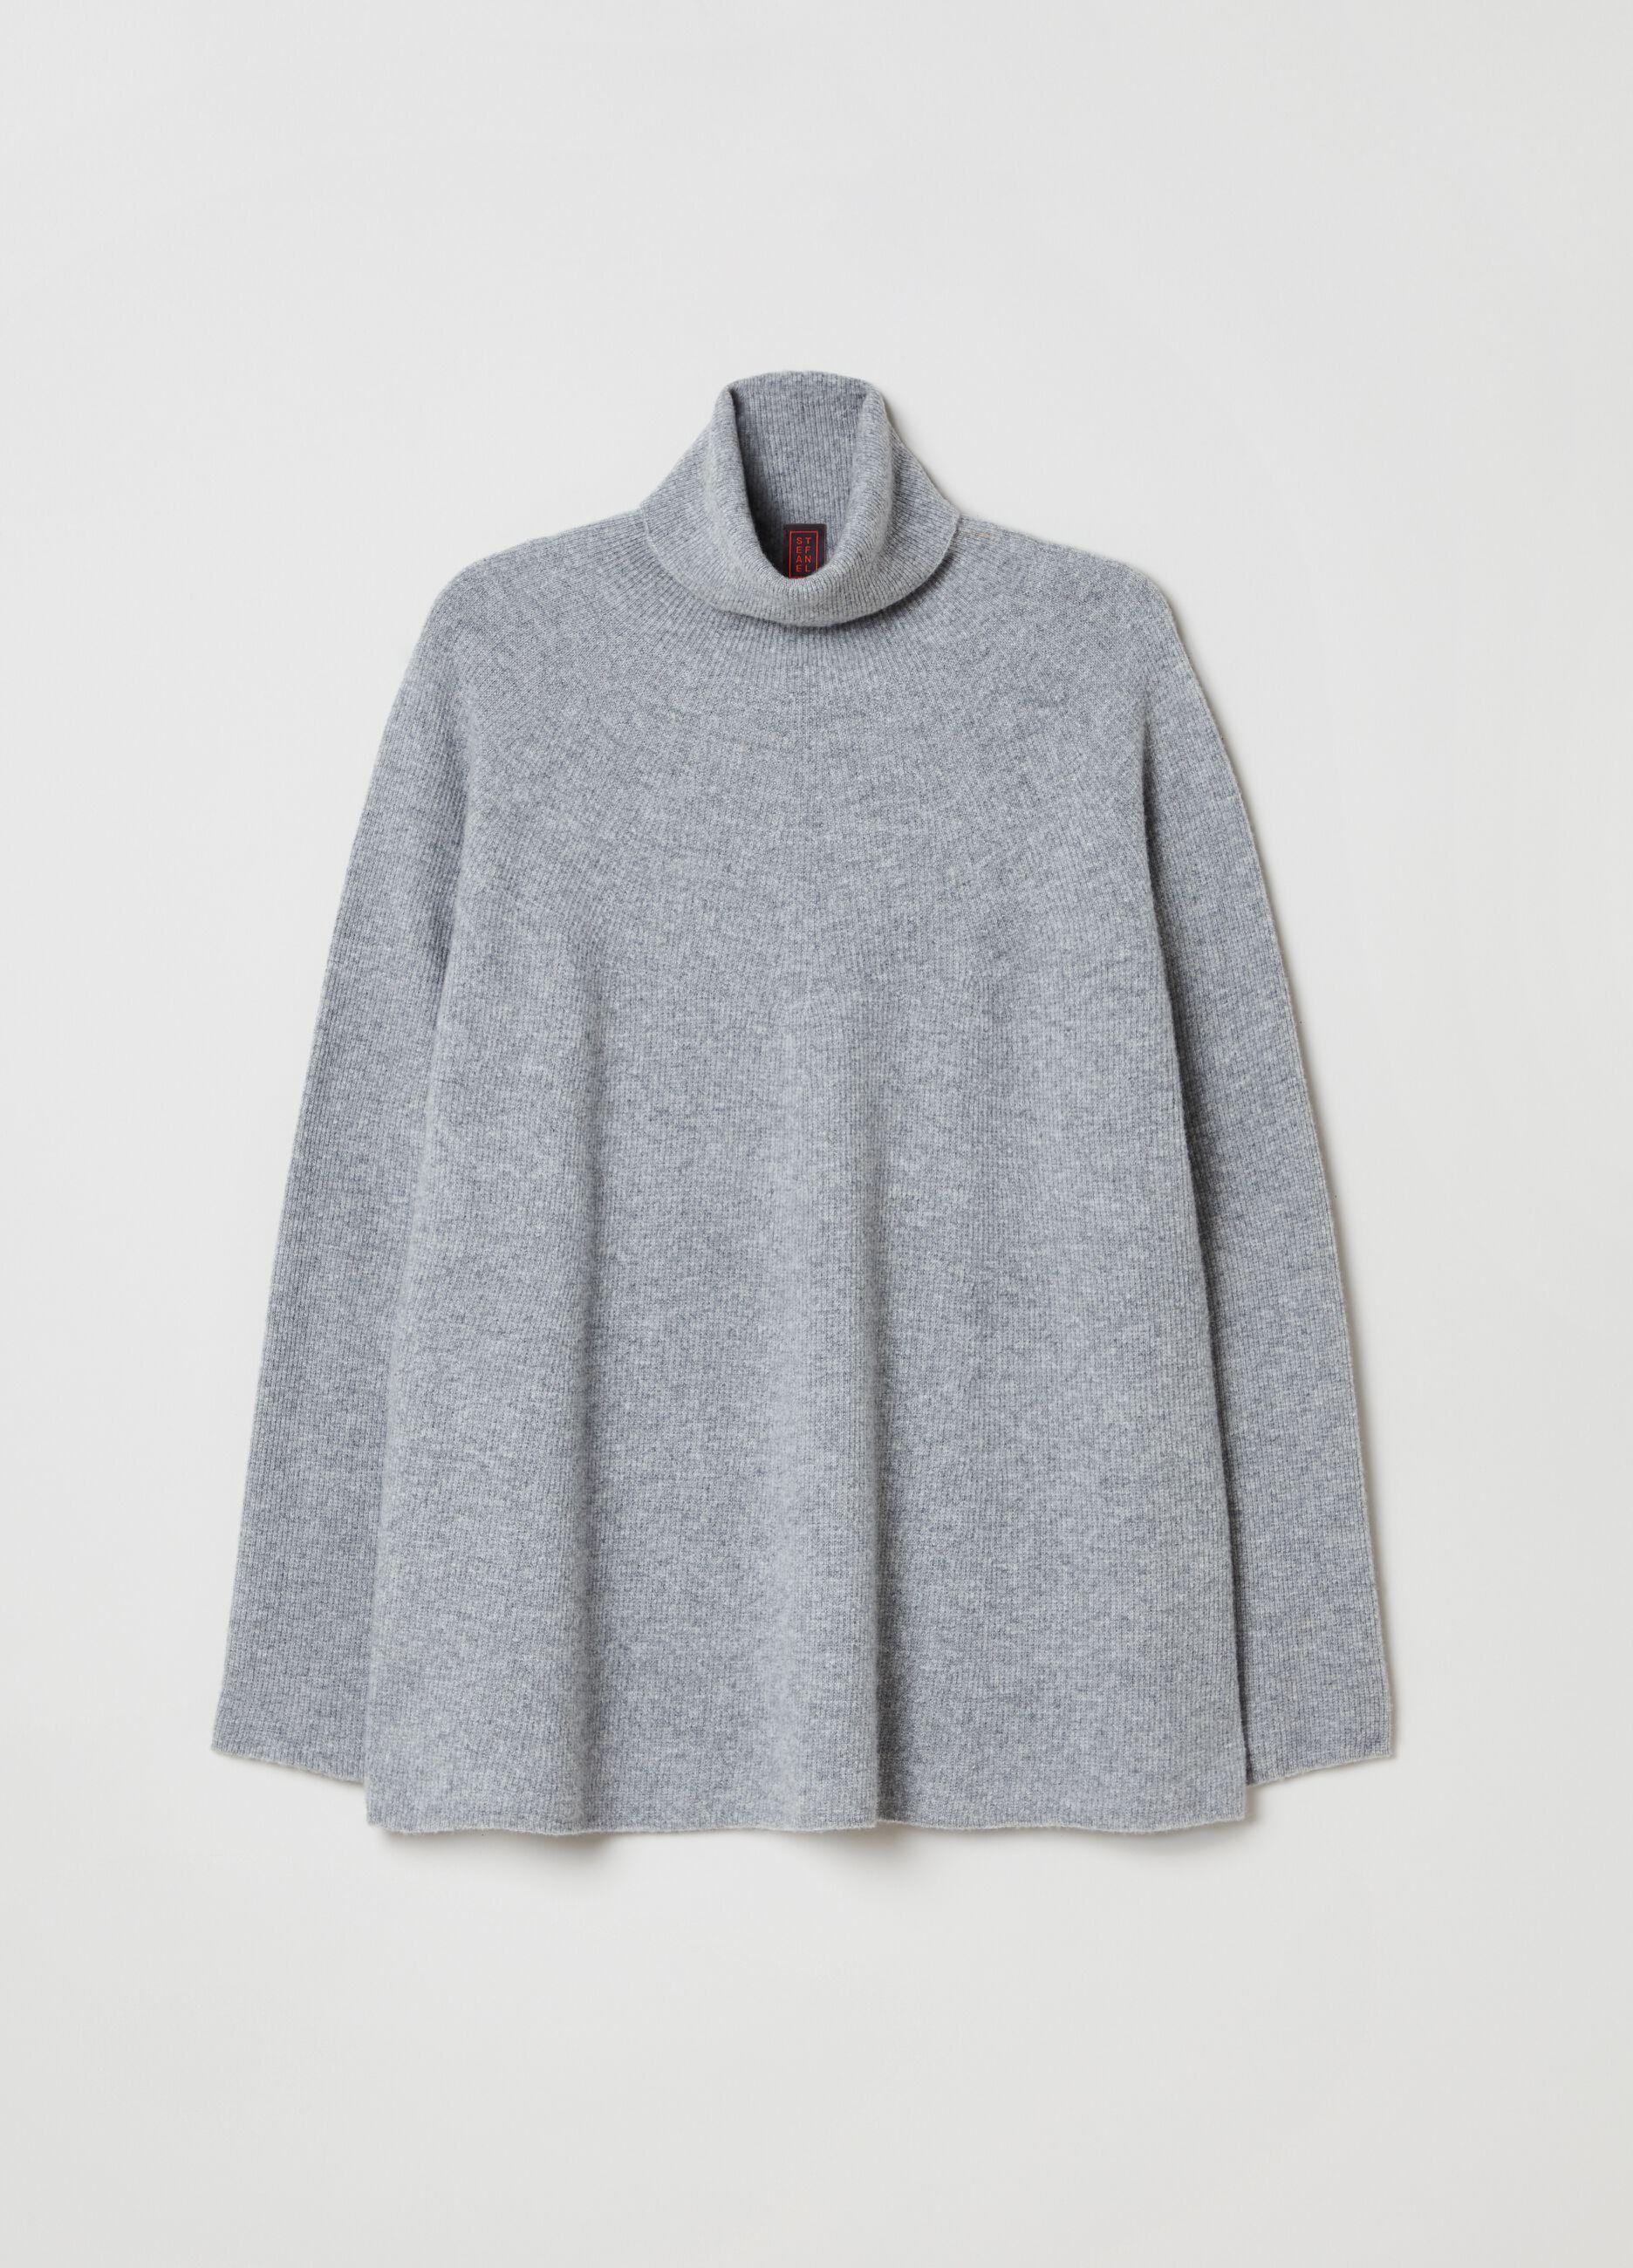 Maglia a collo alto in pura lana vergine Grigio